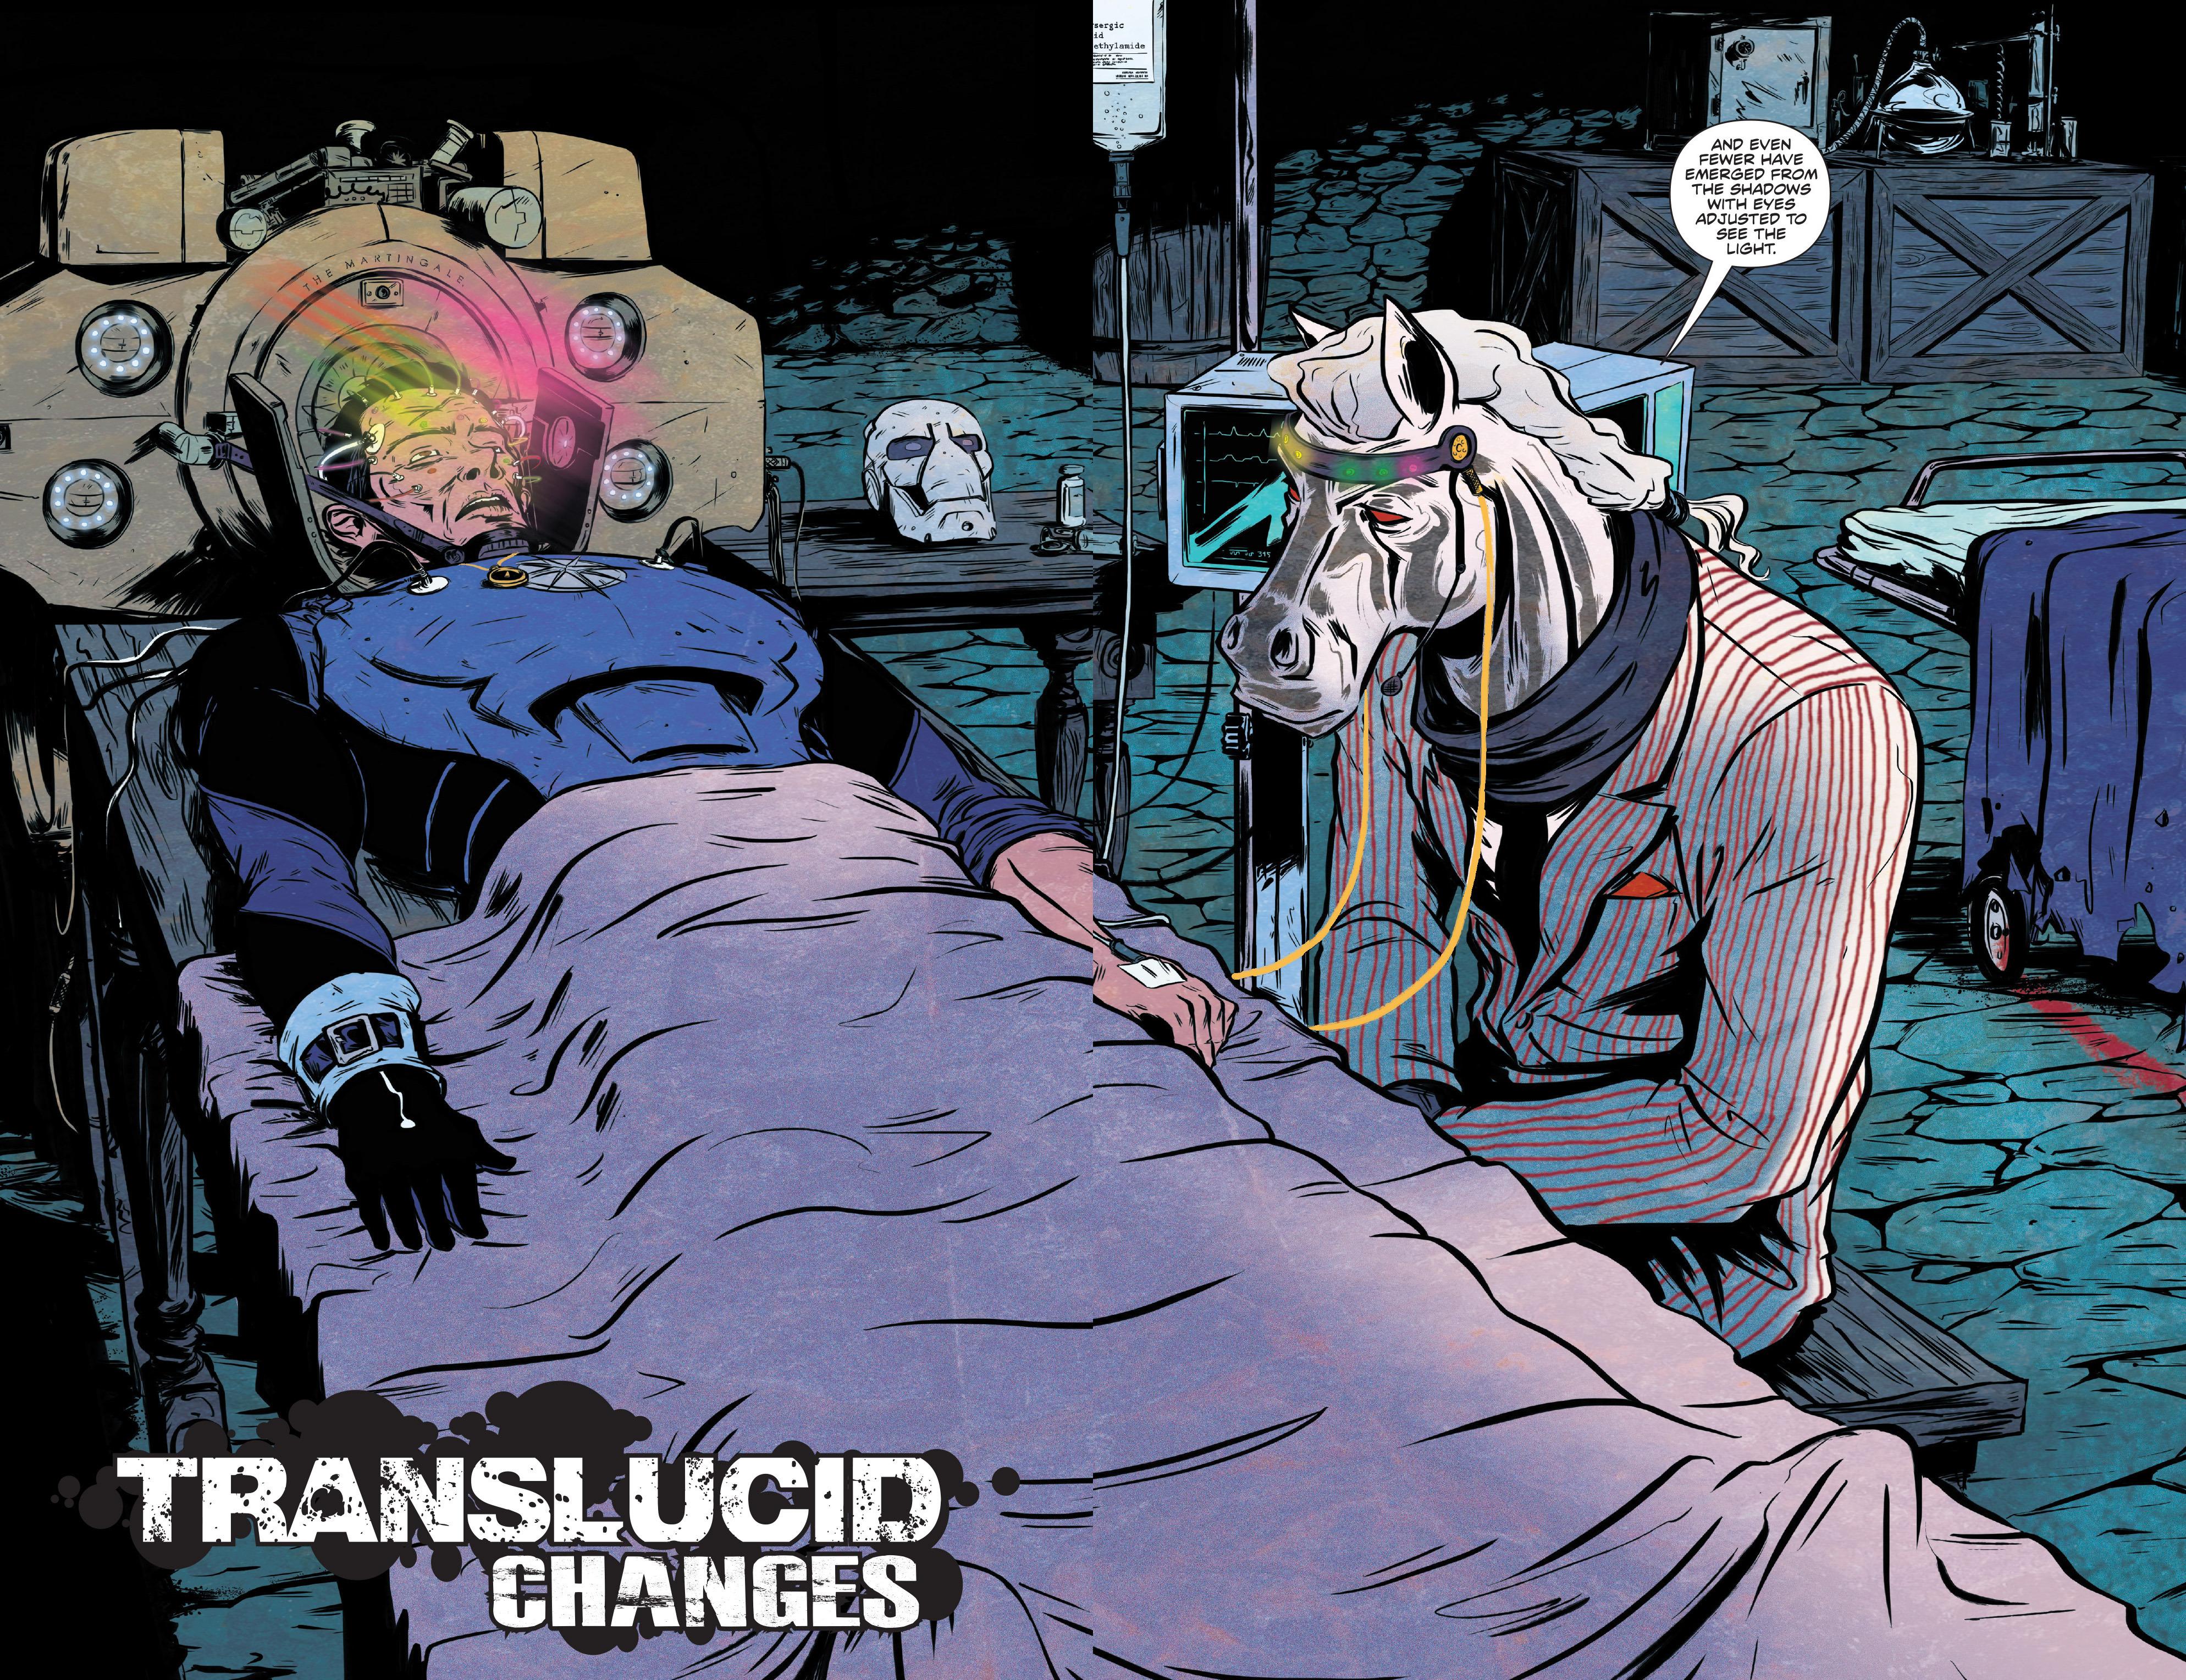 Read online Translucid comic -  Issue #6 - 6